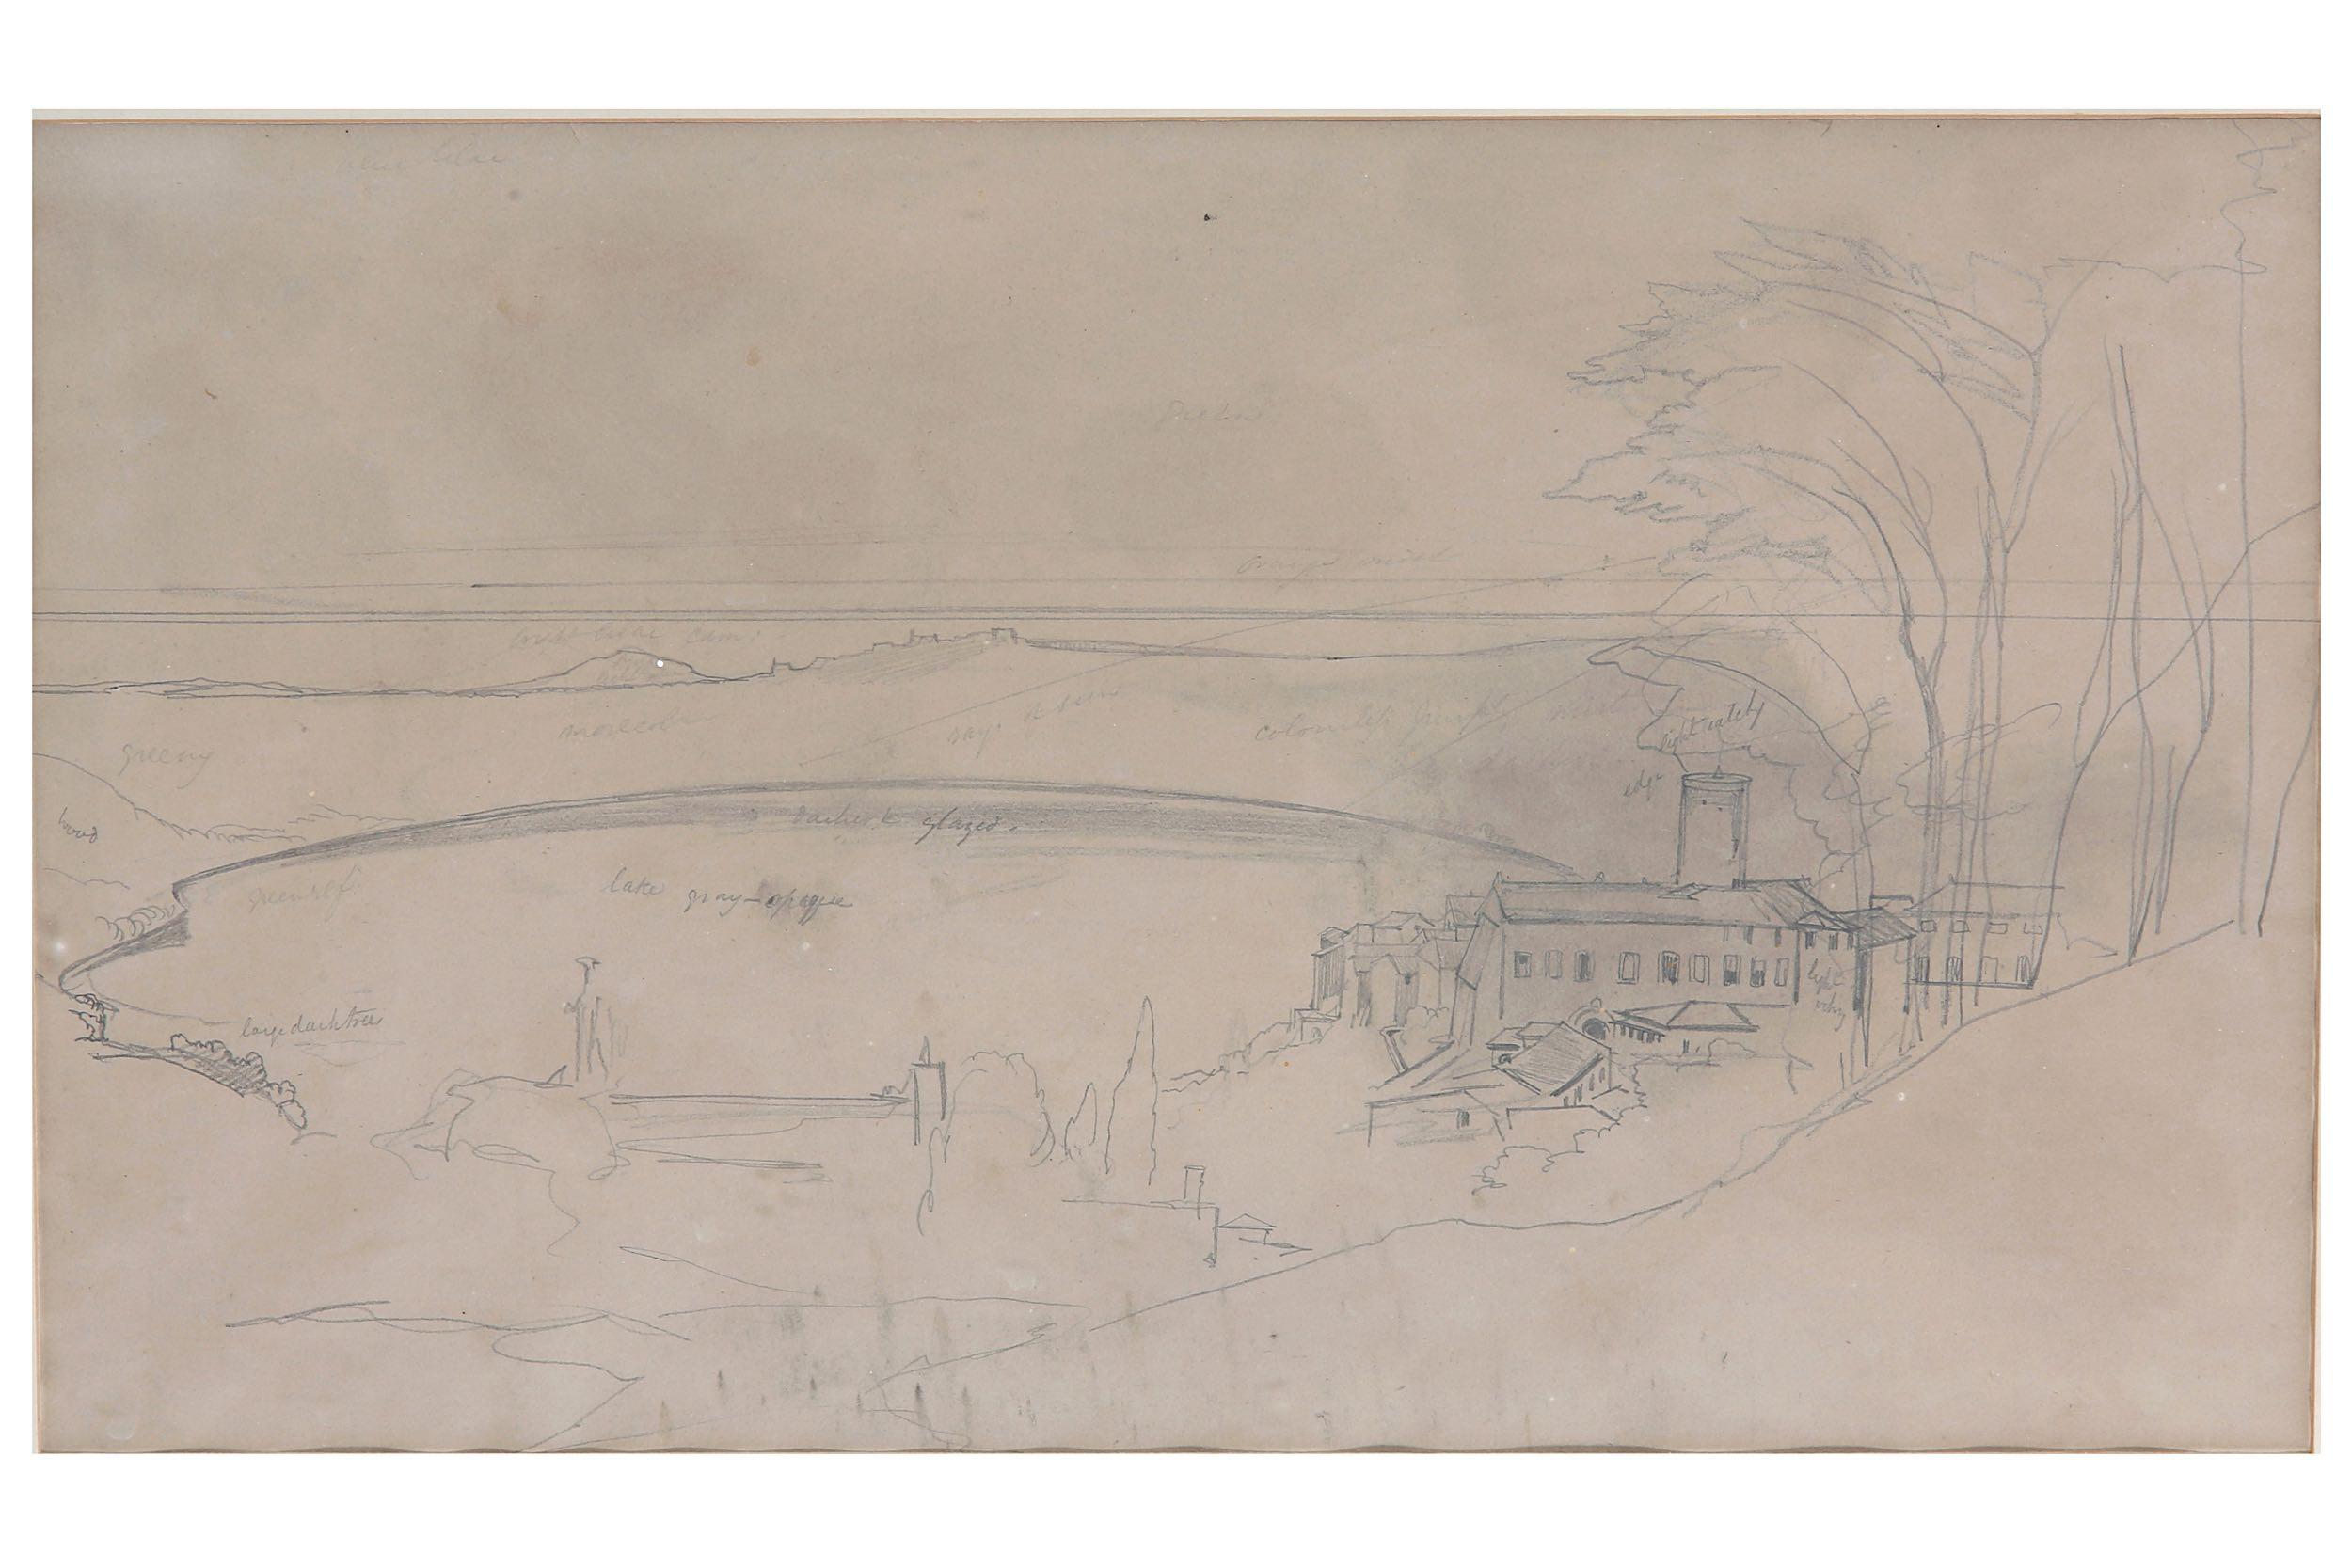 EDWARD LEAR (BRITISH 1812 - 1888)